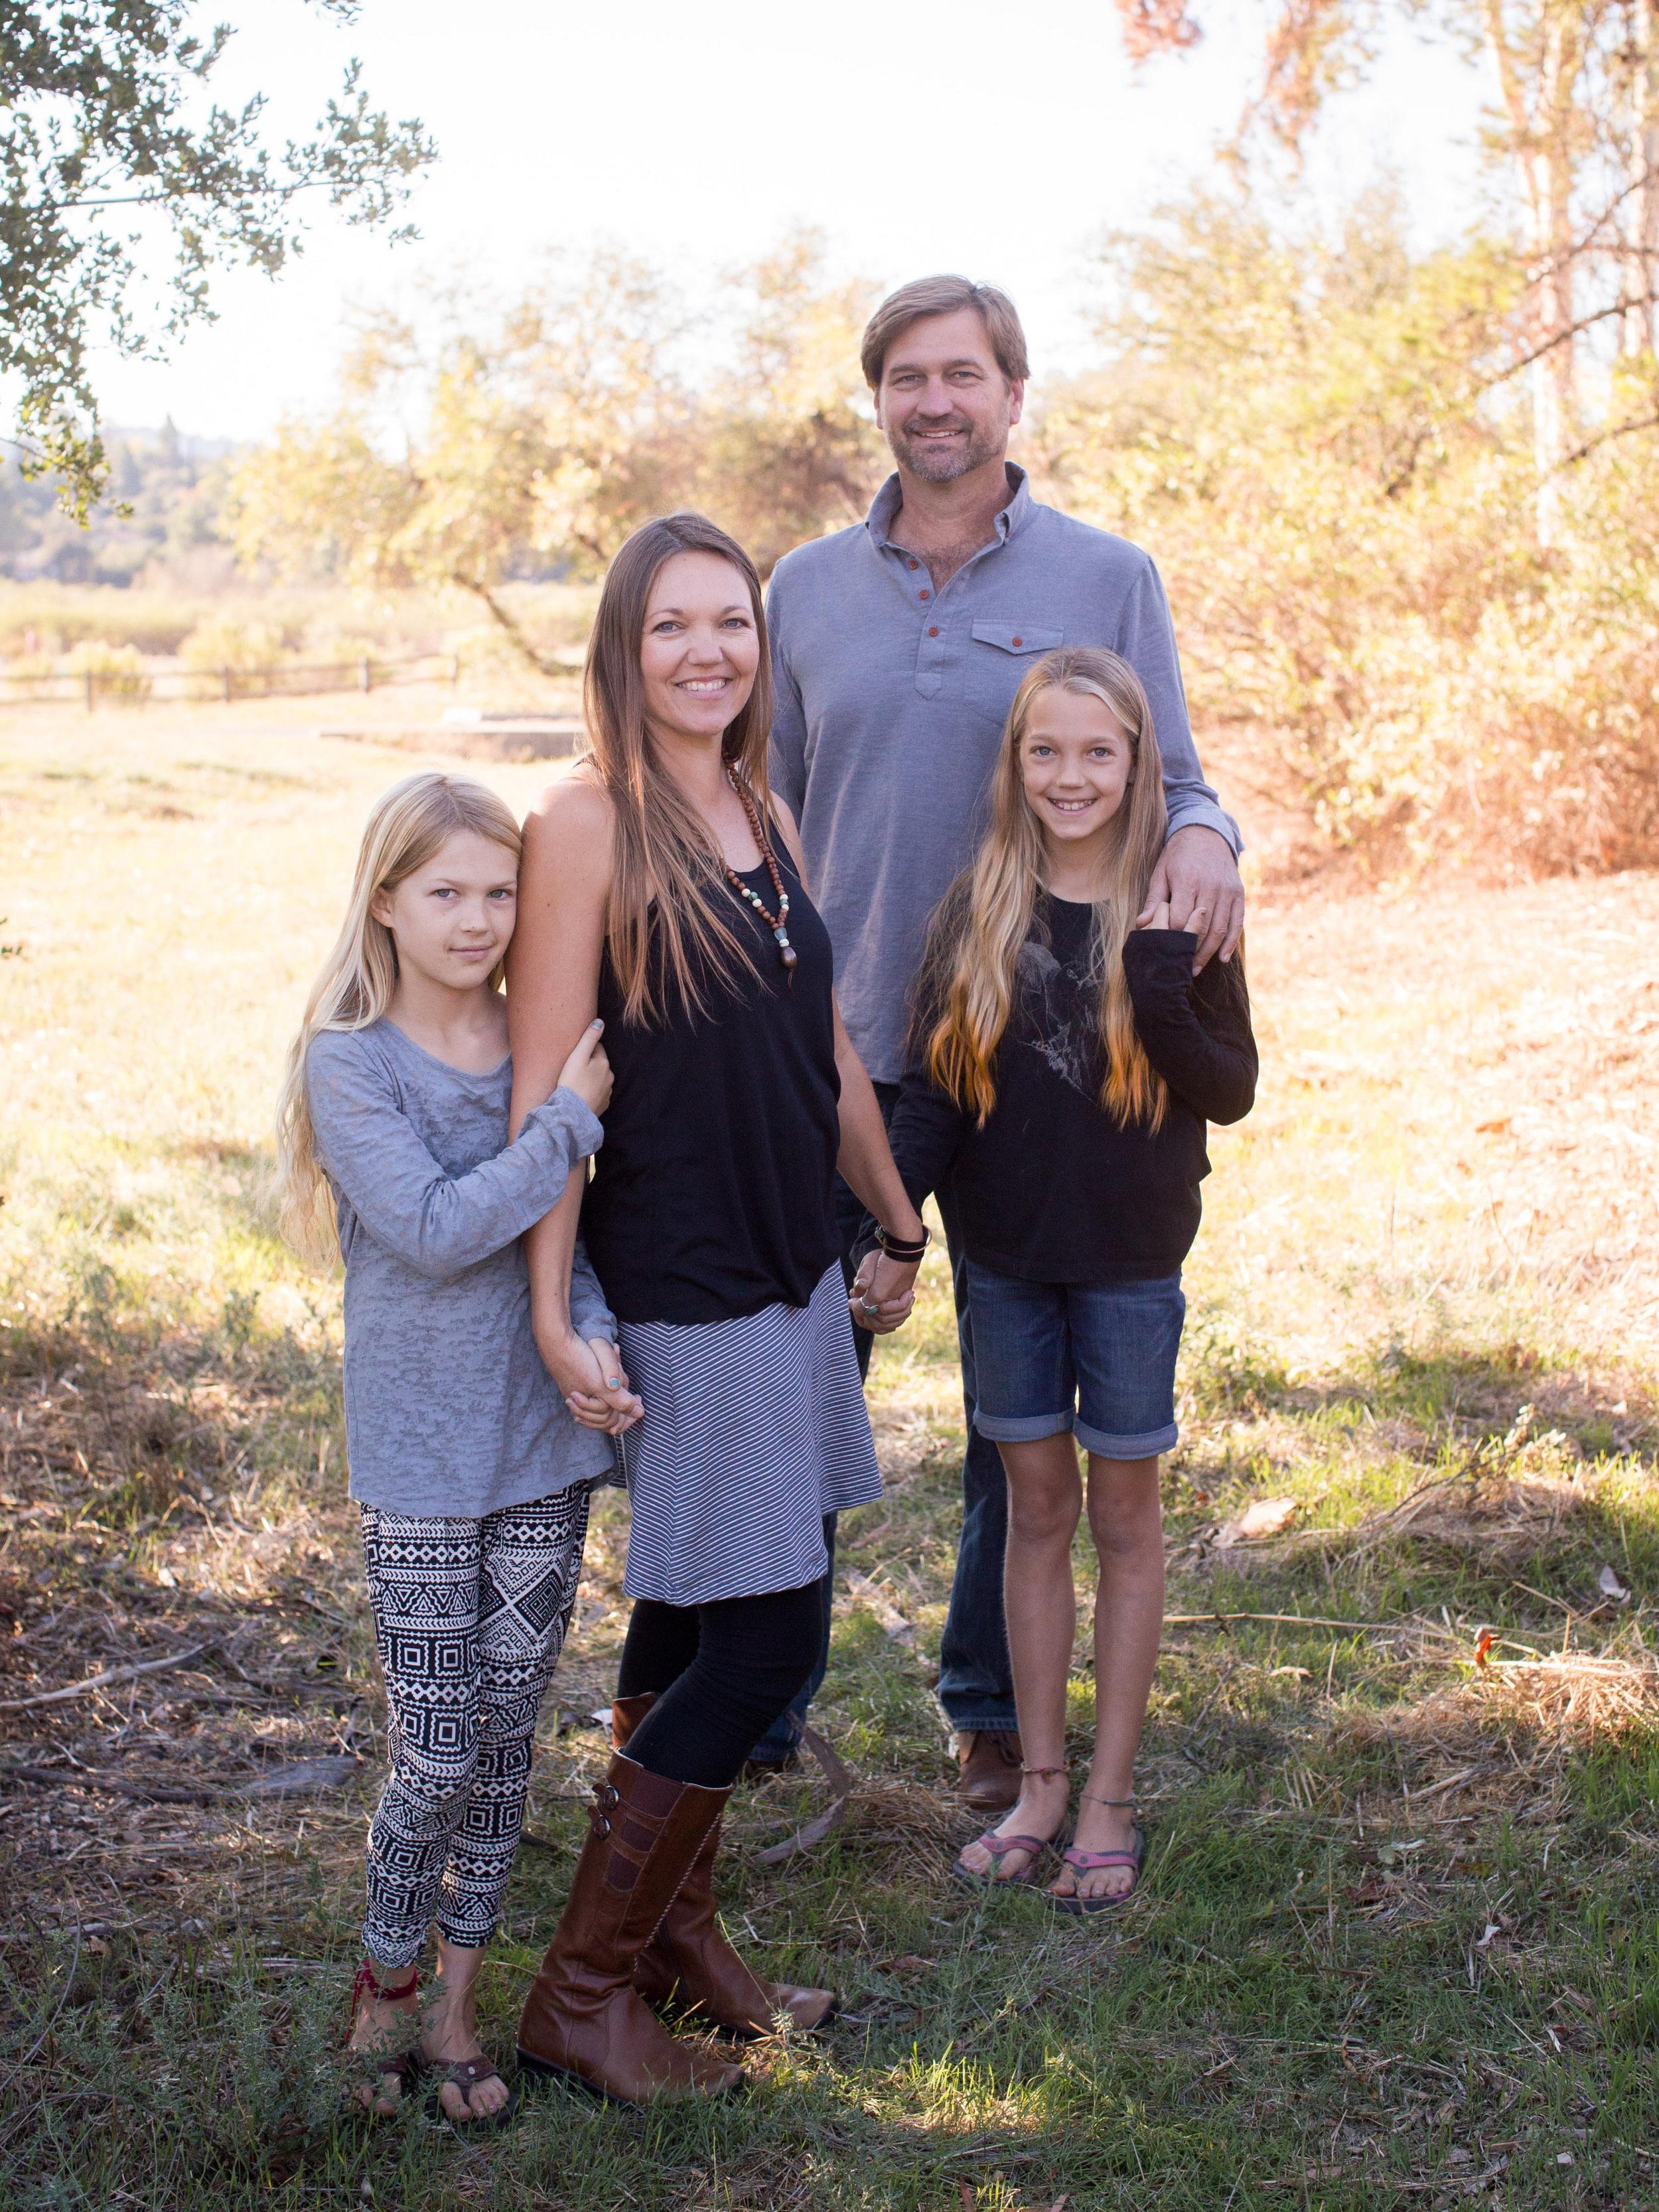 Eric+Johnson+Family+1.jpg